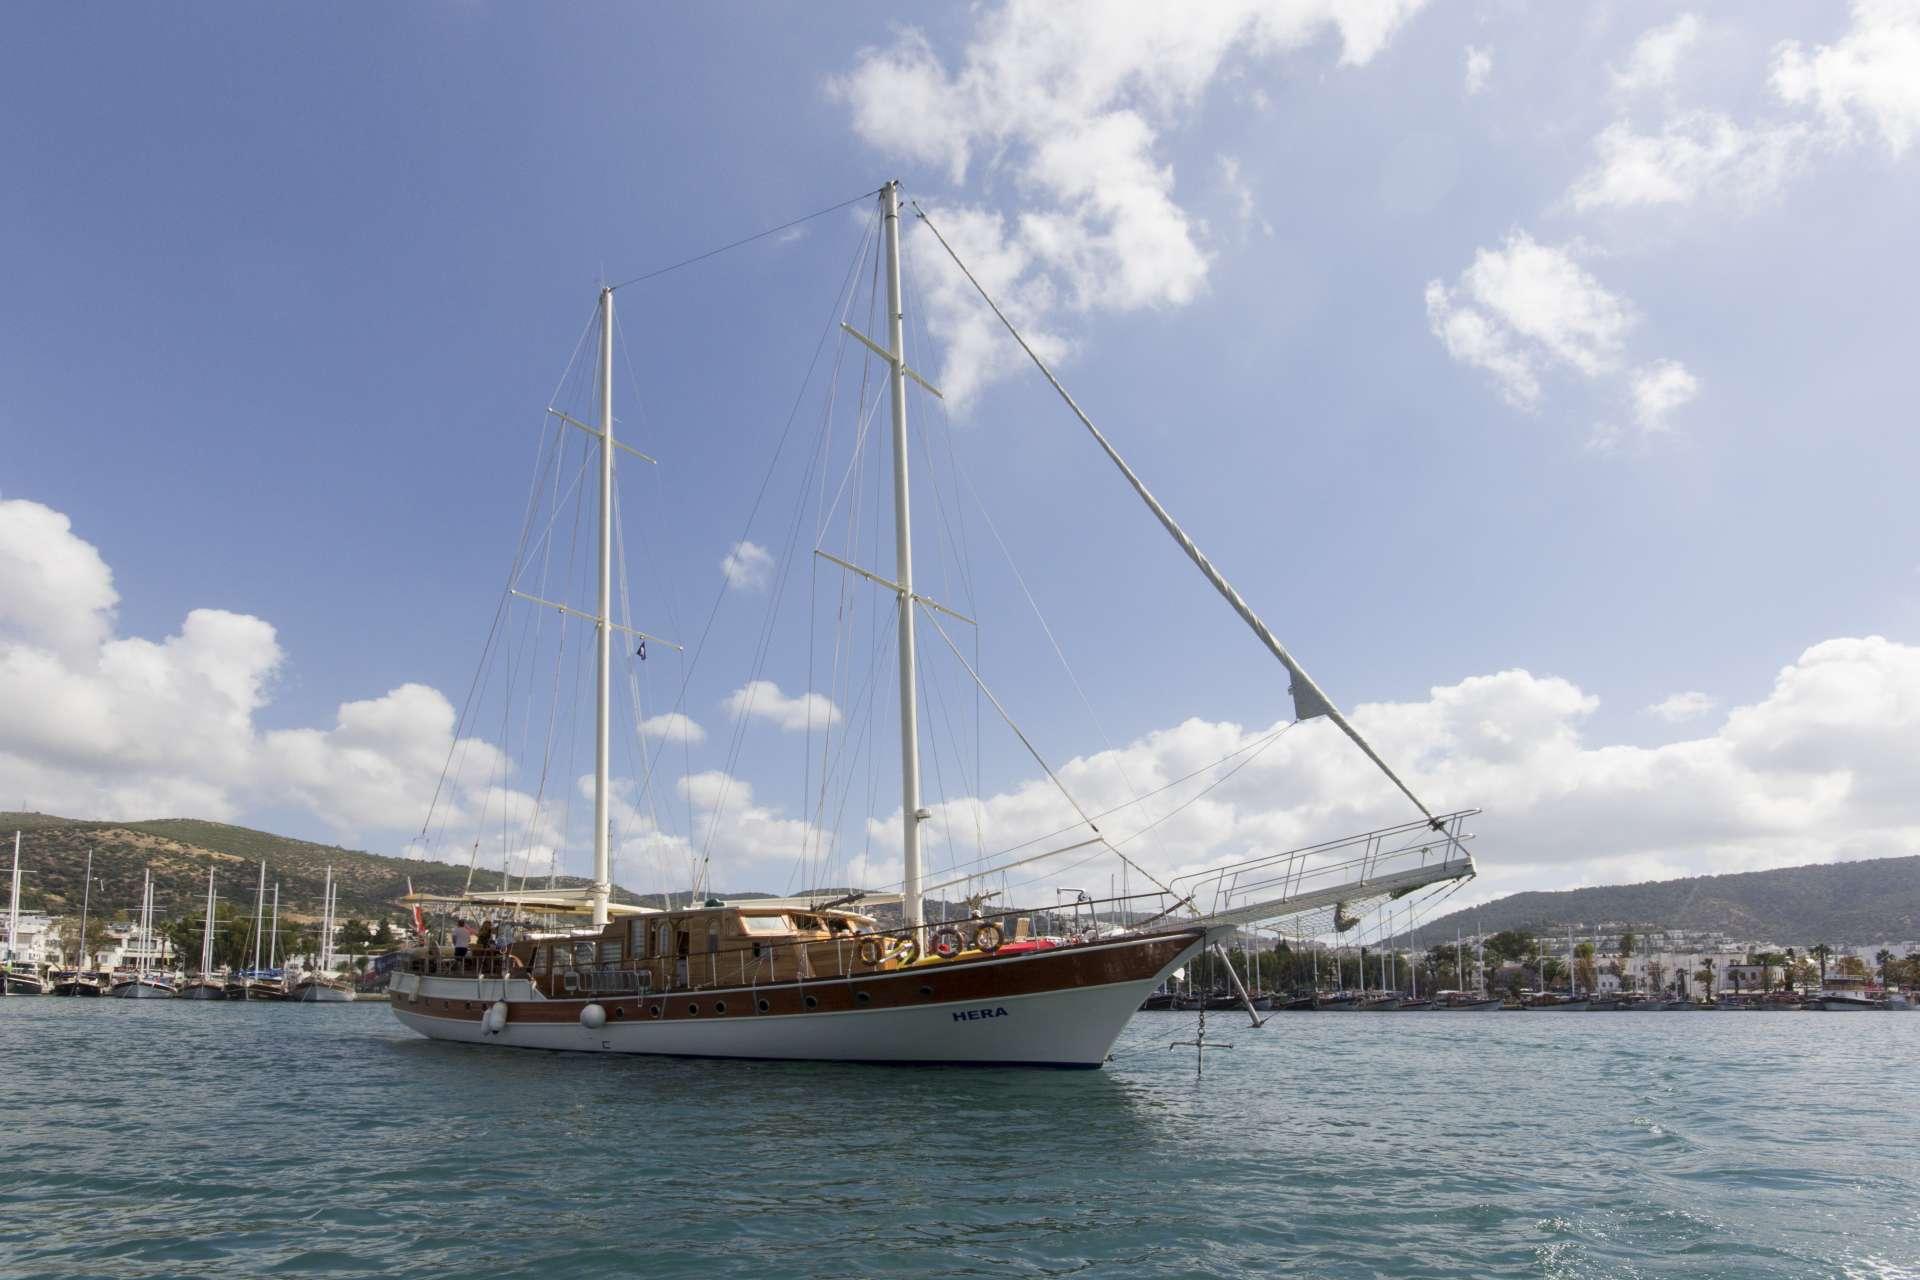 Sailing Yacht Hera